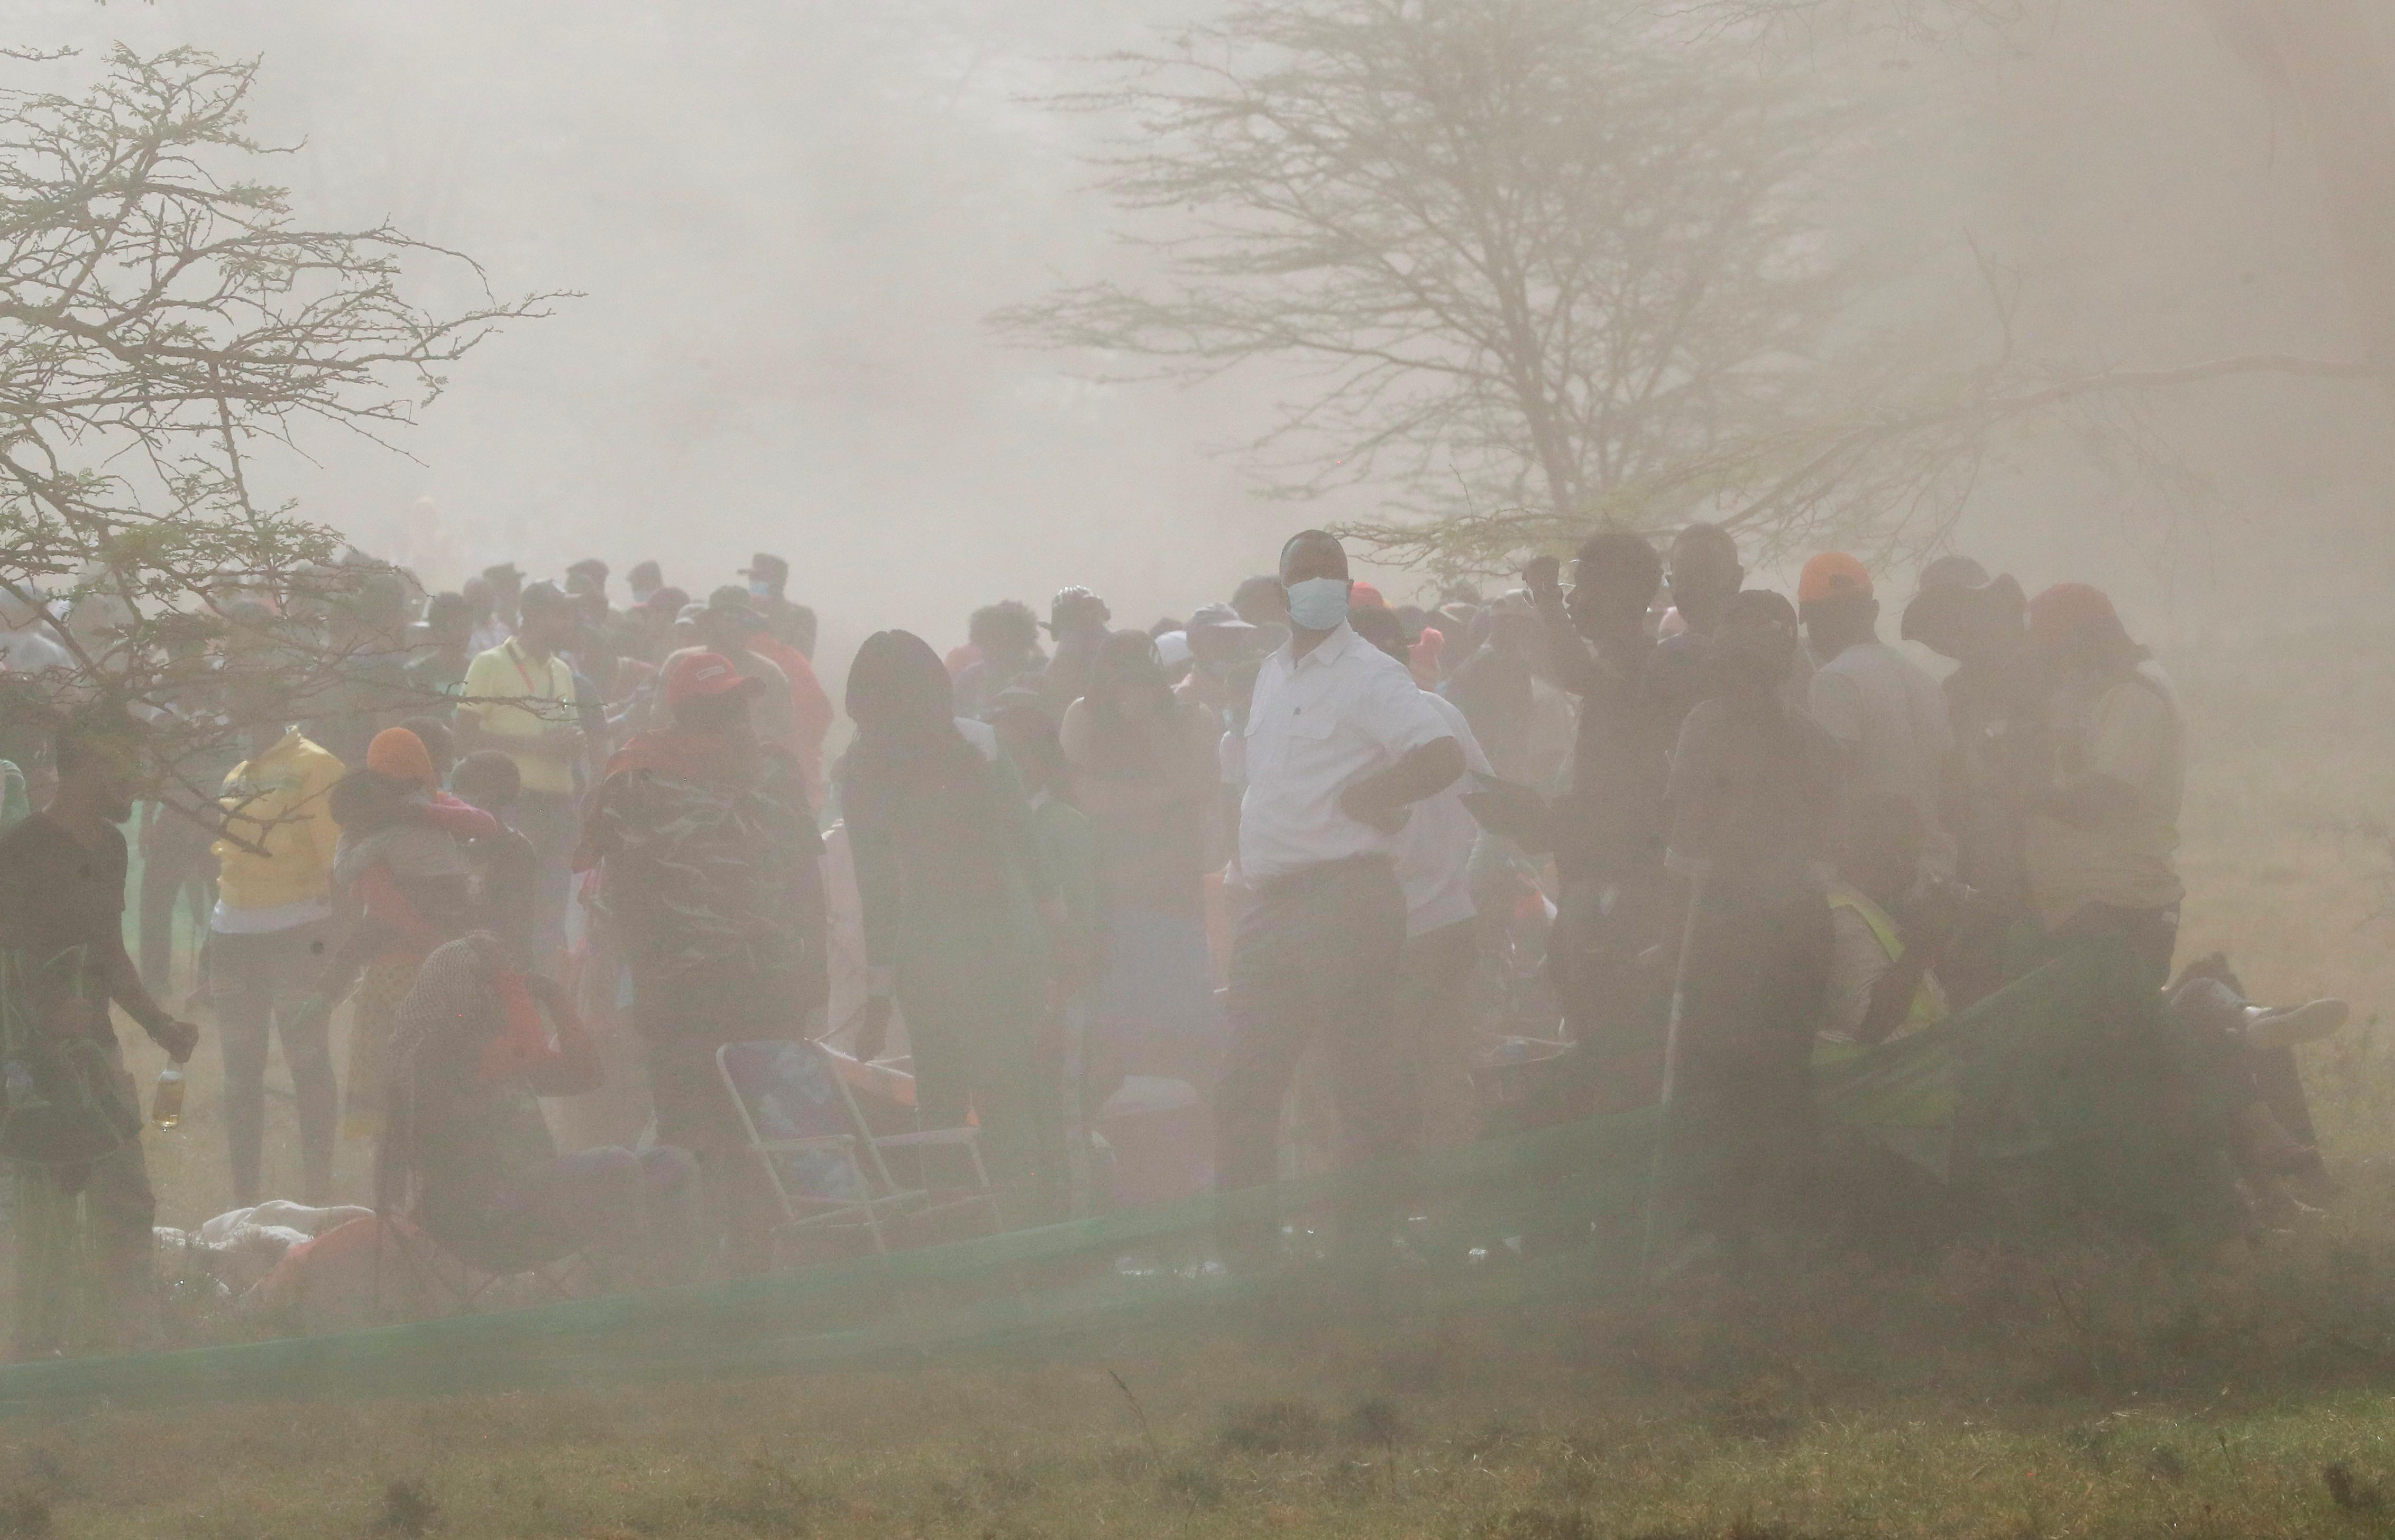 Os espectadores são deixados na poeira.